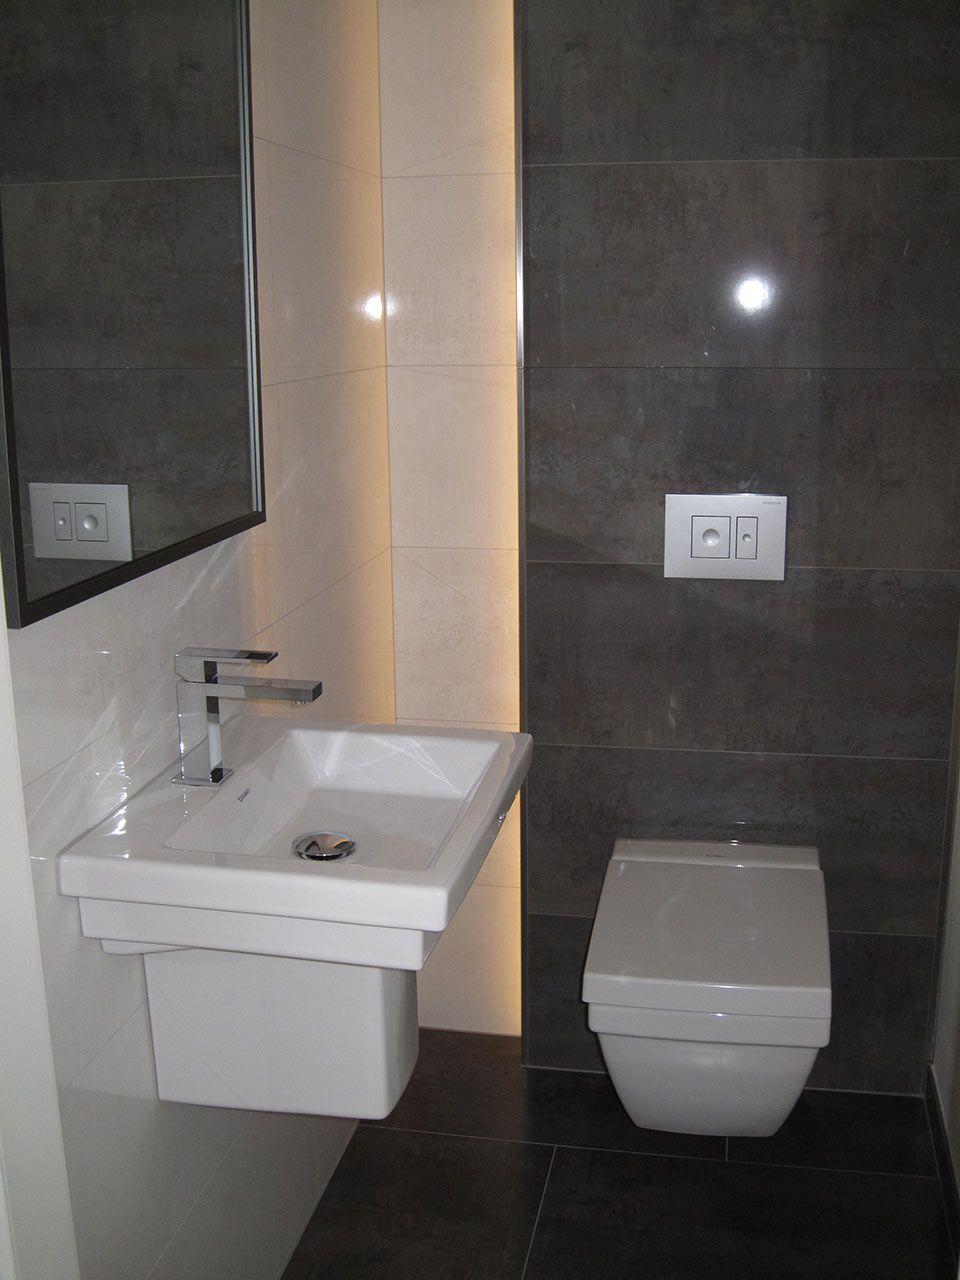 Grundriss badezimmer 12qm affordable schn kosten for Badezimmer quadratisch